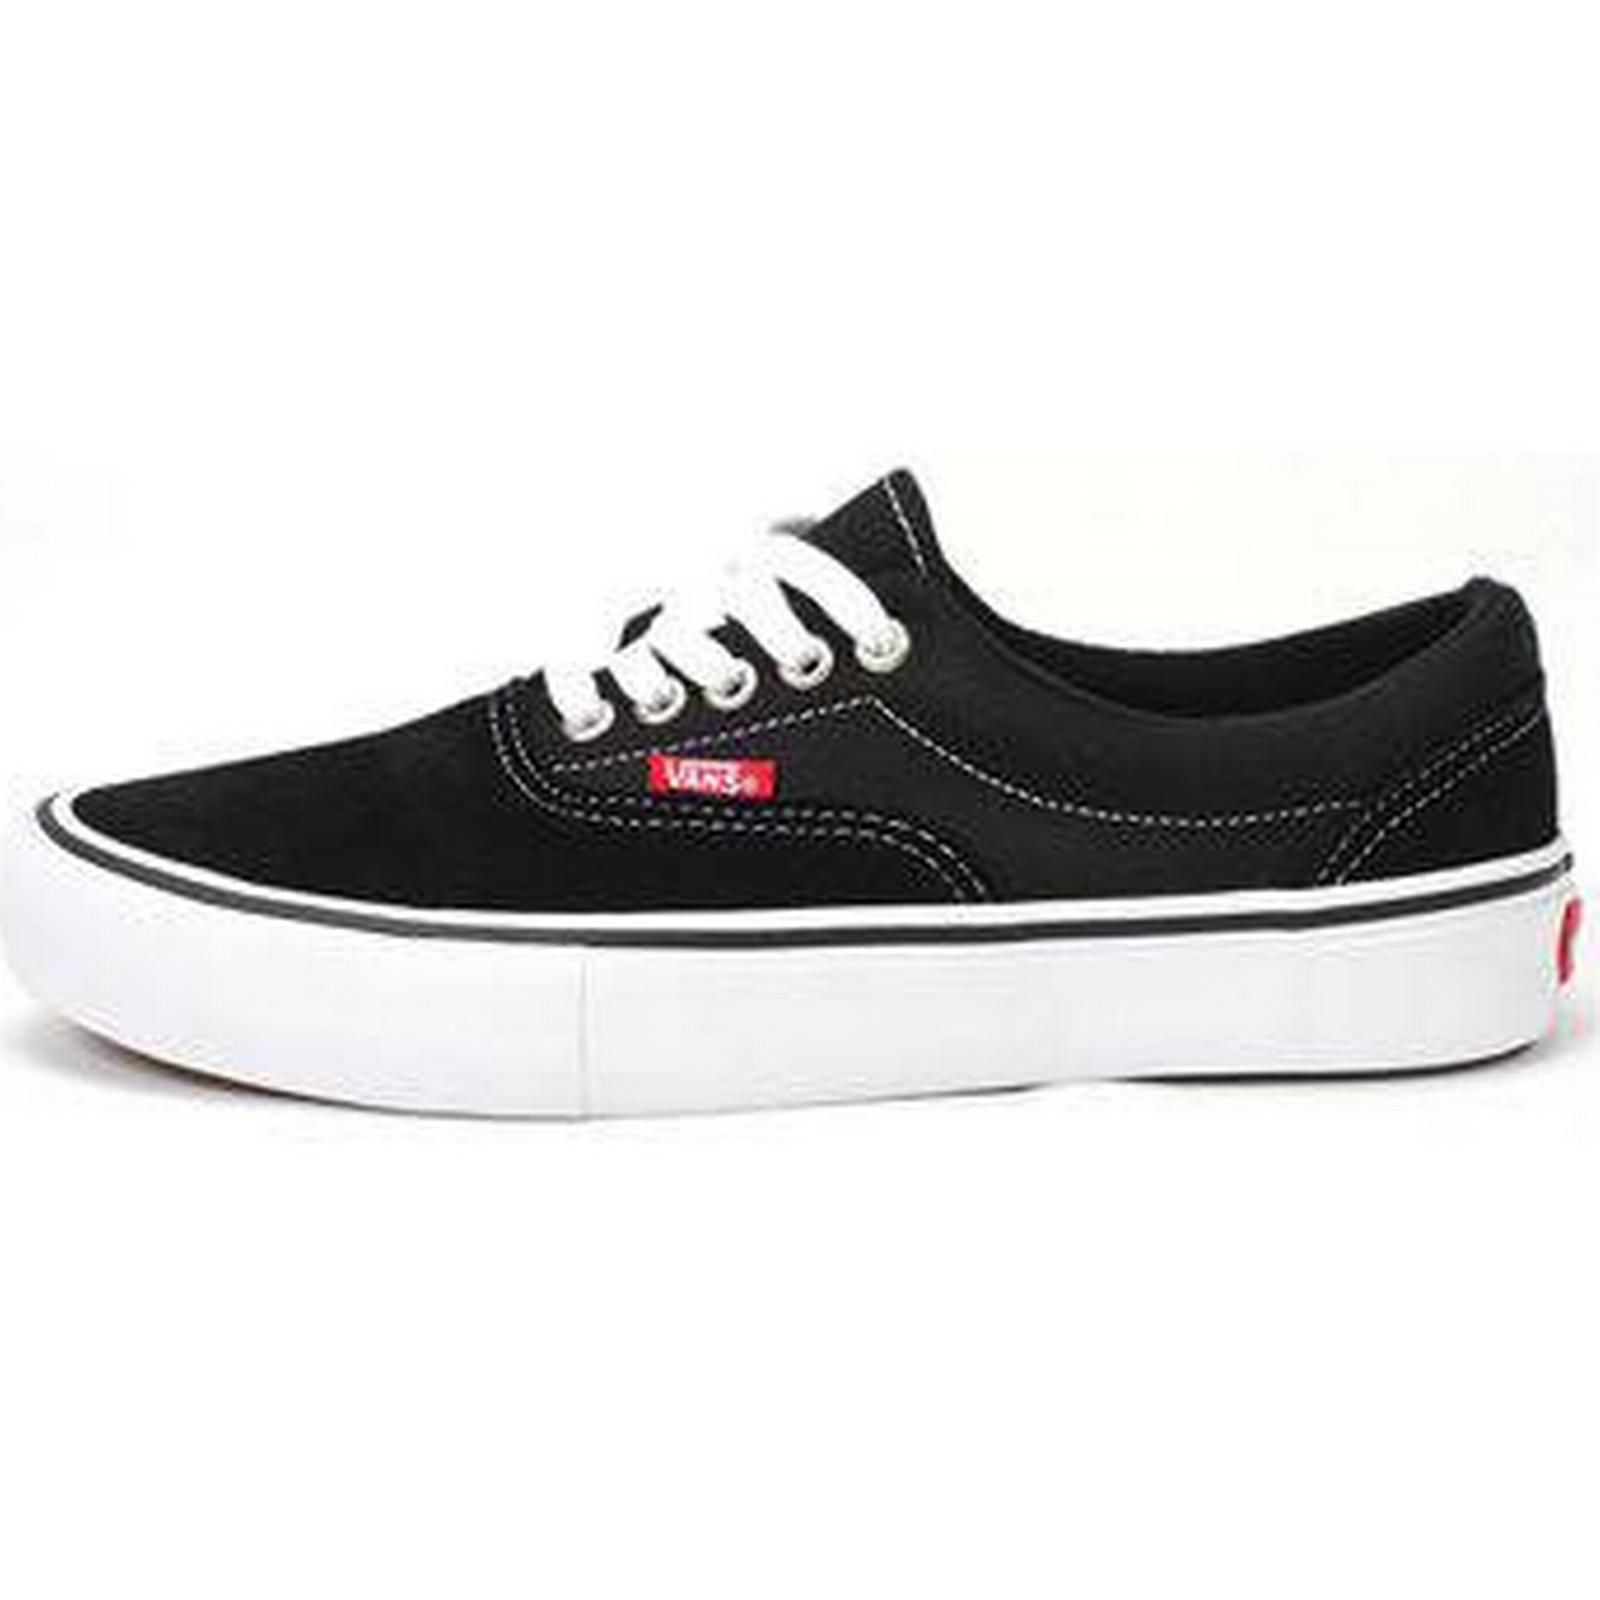 Man's/Woman's:Vans Era Pro Black/White/Gum:Stable Black/White/Gum:Stable Black/White/Gum:Stable Quality a38671